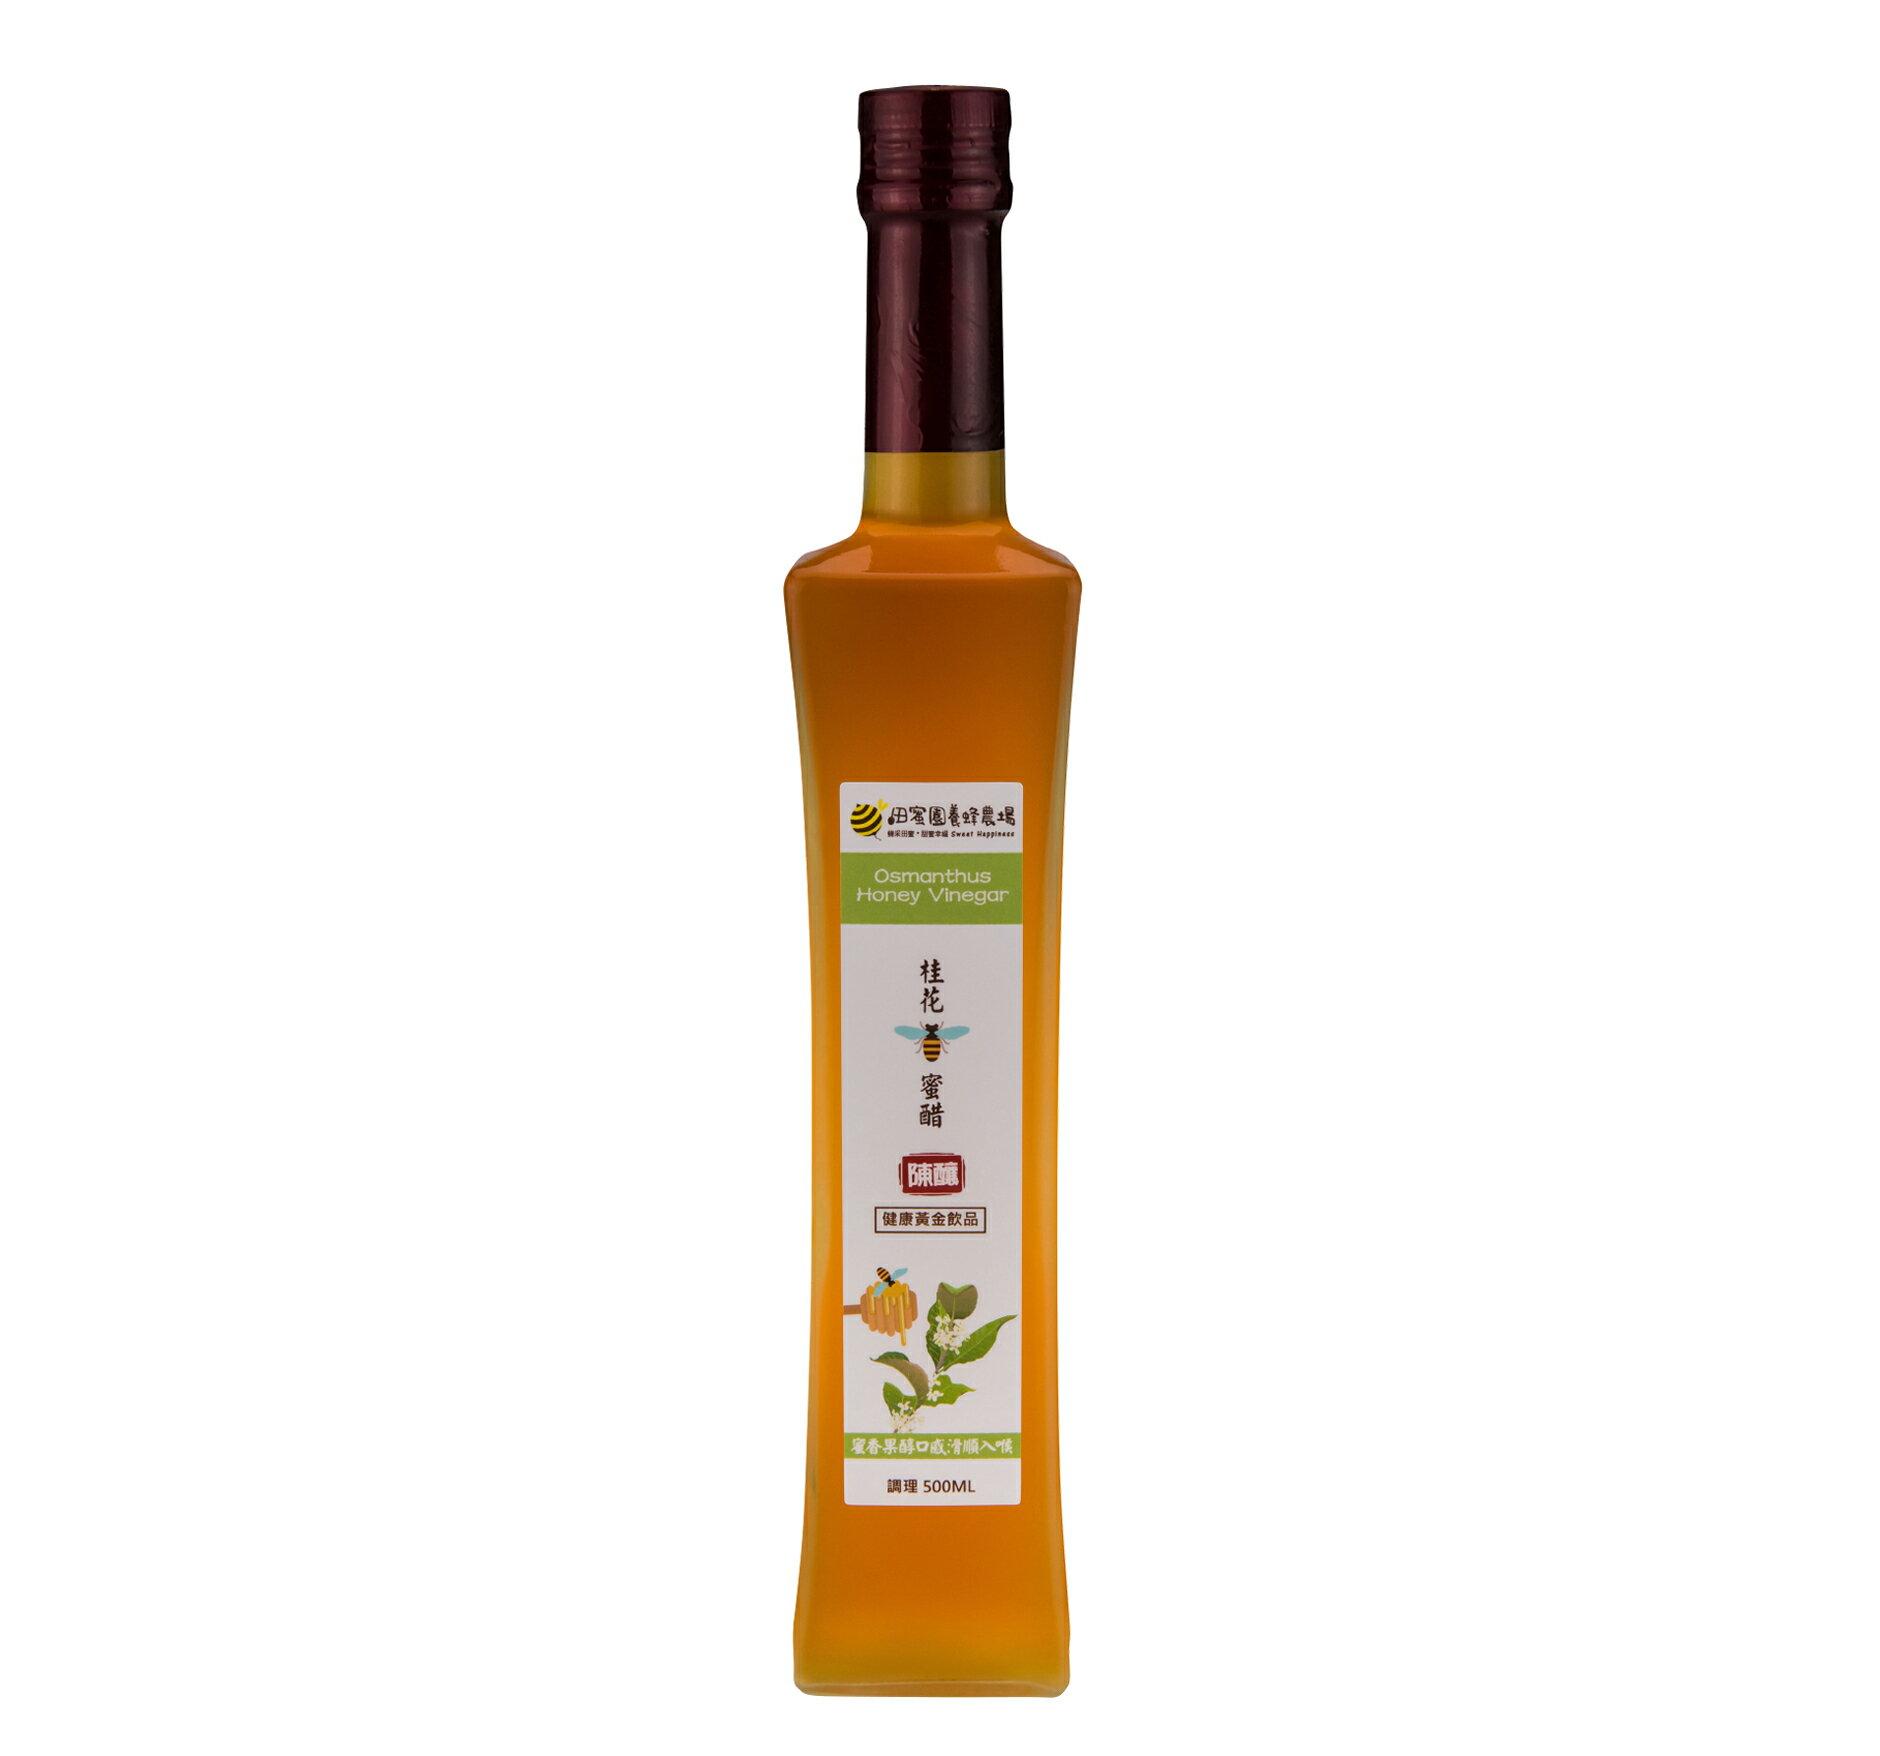 【田蜜園養蜂農場】真味有限公司|桂花蜂蜜醋|蜂蜜、蜂花粉、蜂王乳、蜂蜜醋系列